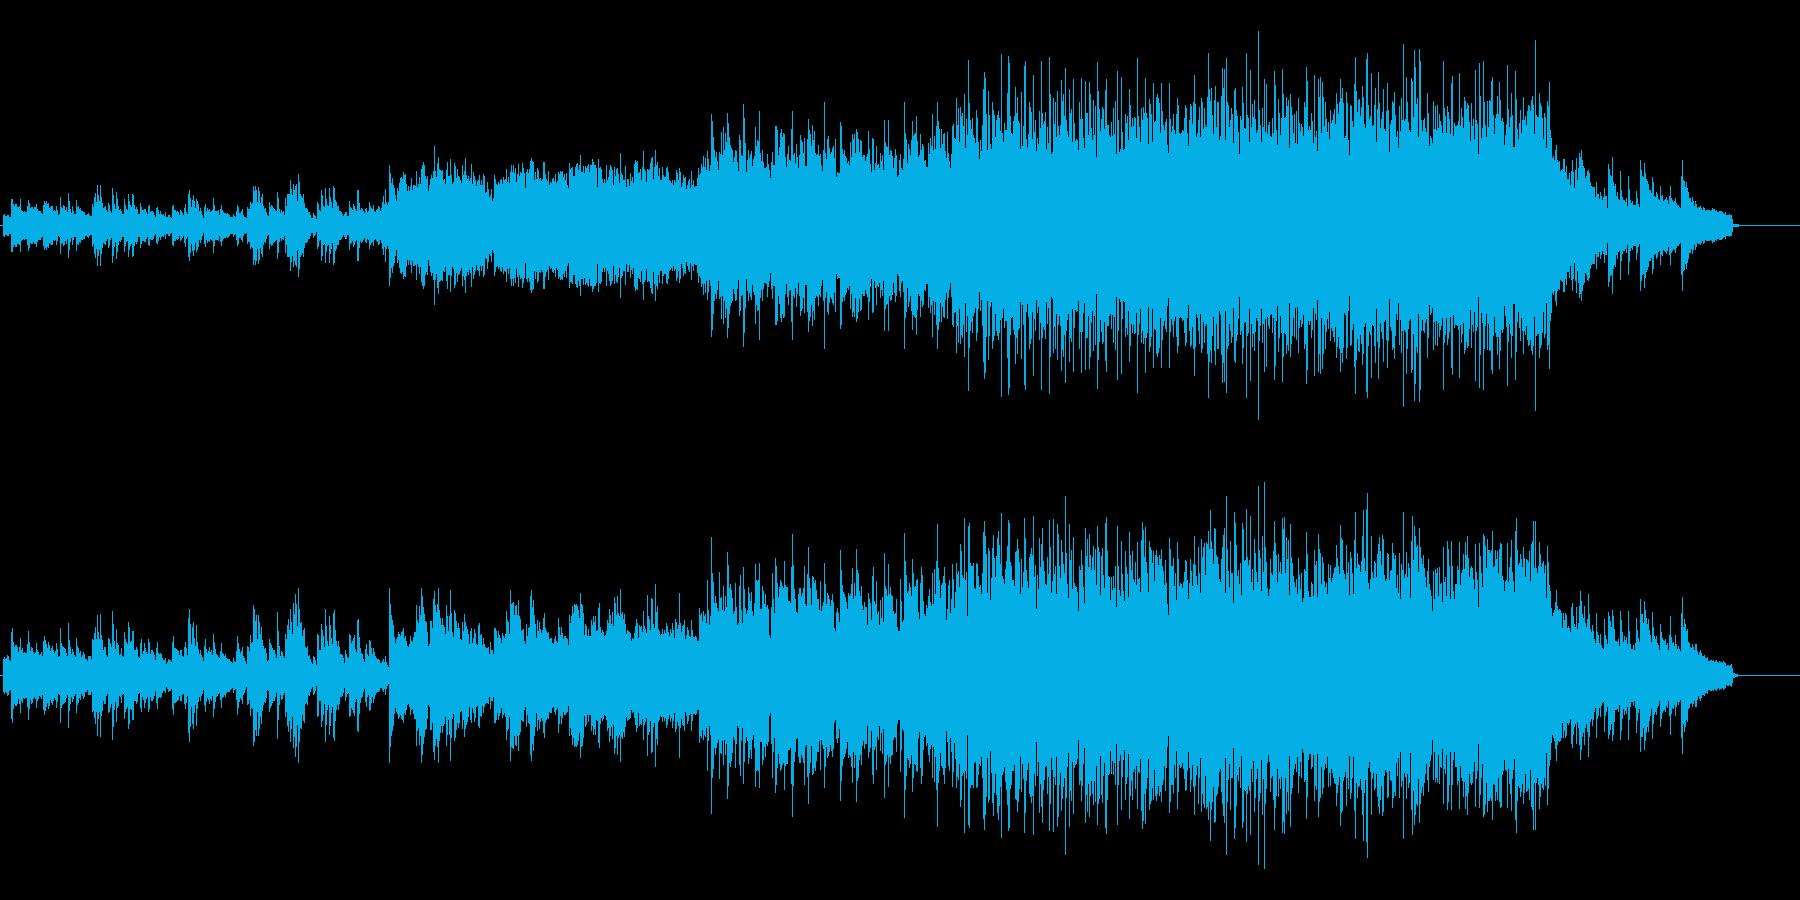 遠い日々の回想 おセンチなバラードの再生済みの波形